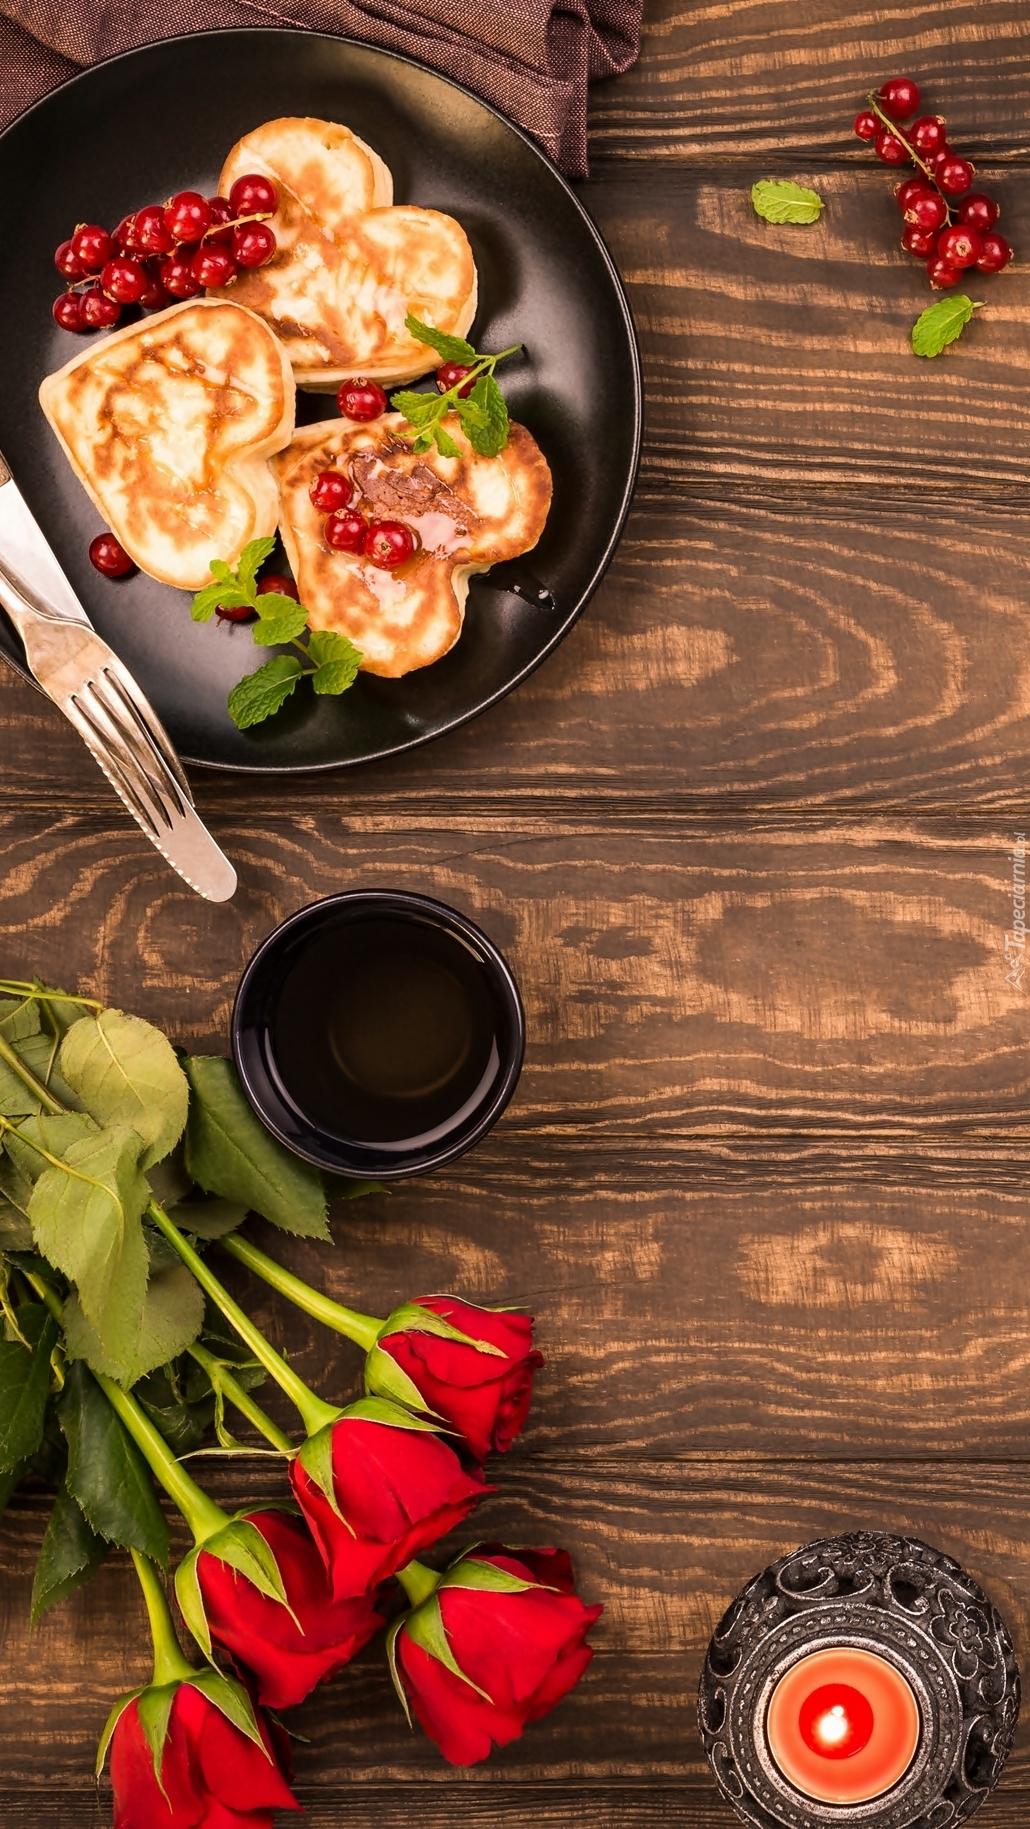 Naleśniki obok herbaty i róż